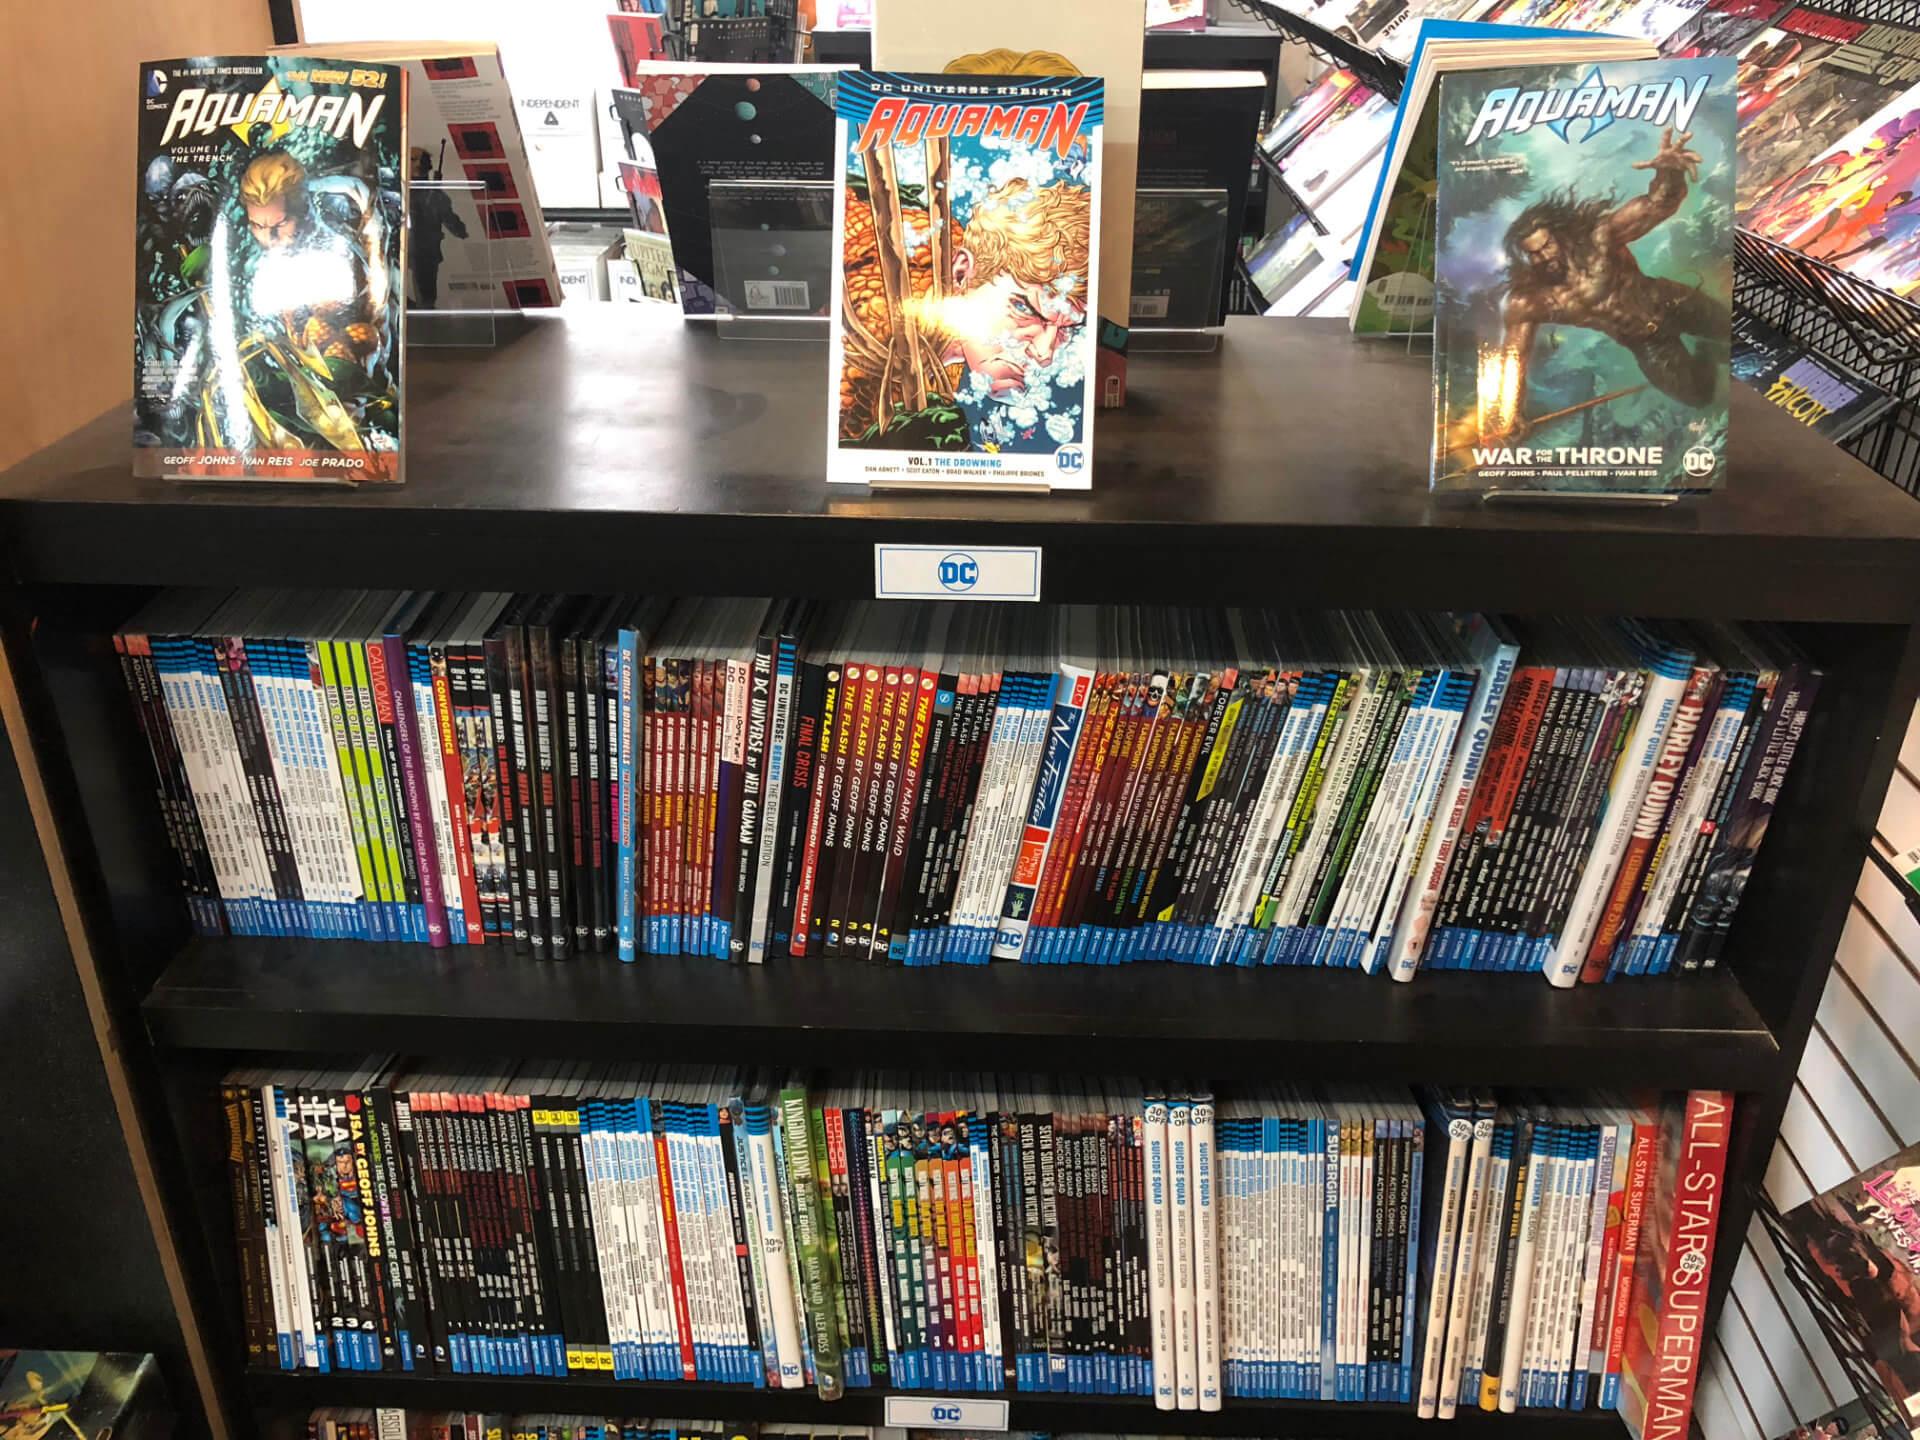 background-paradox-comics-novels